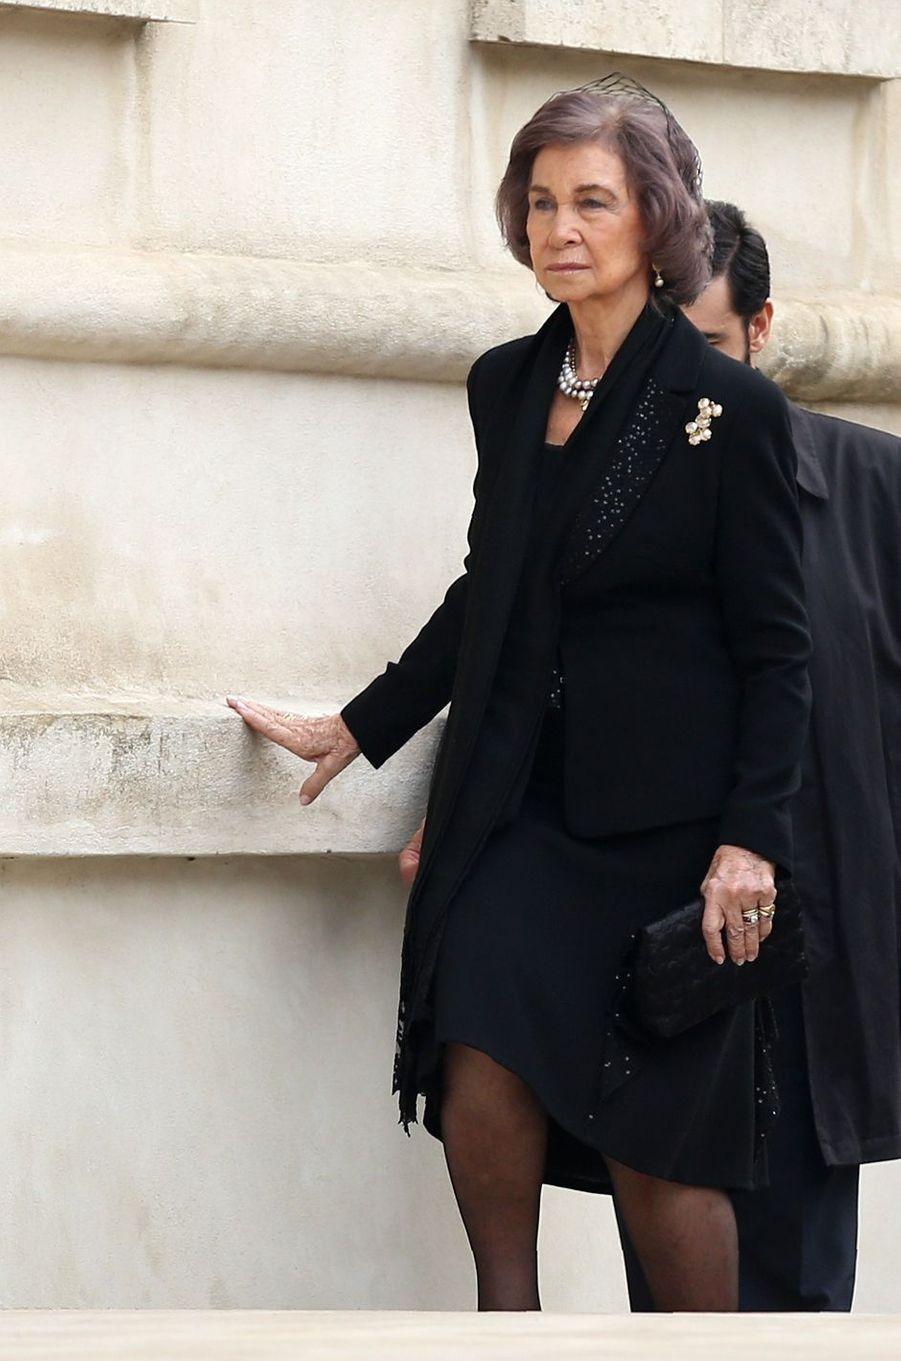 L'ex-reine Sofia d'Espagne aux obsèques de l'ex-roi Michel de Roumanie à Bucarest, le 16 décembre 2017